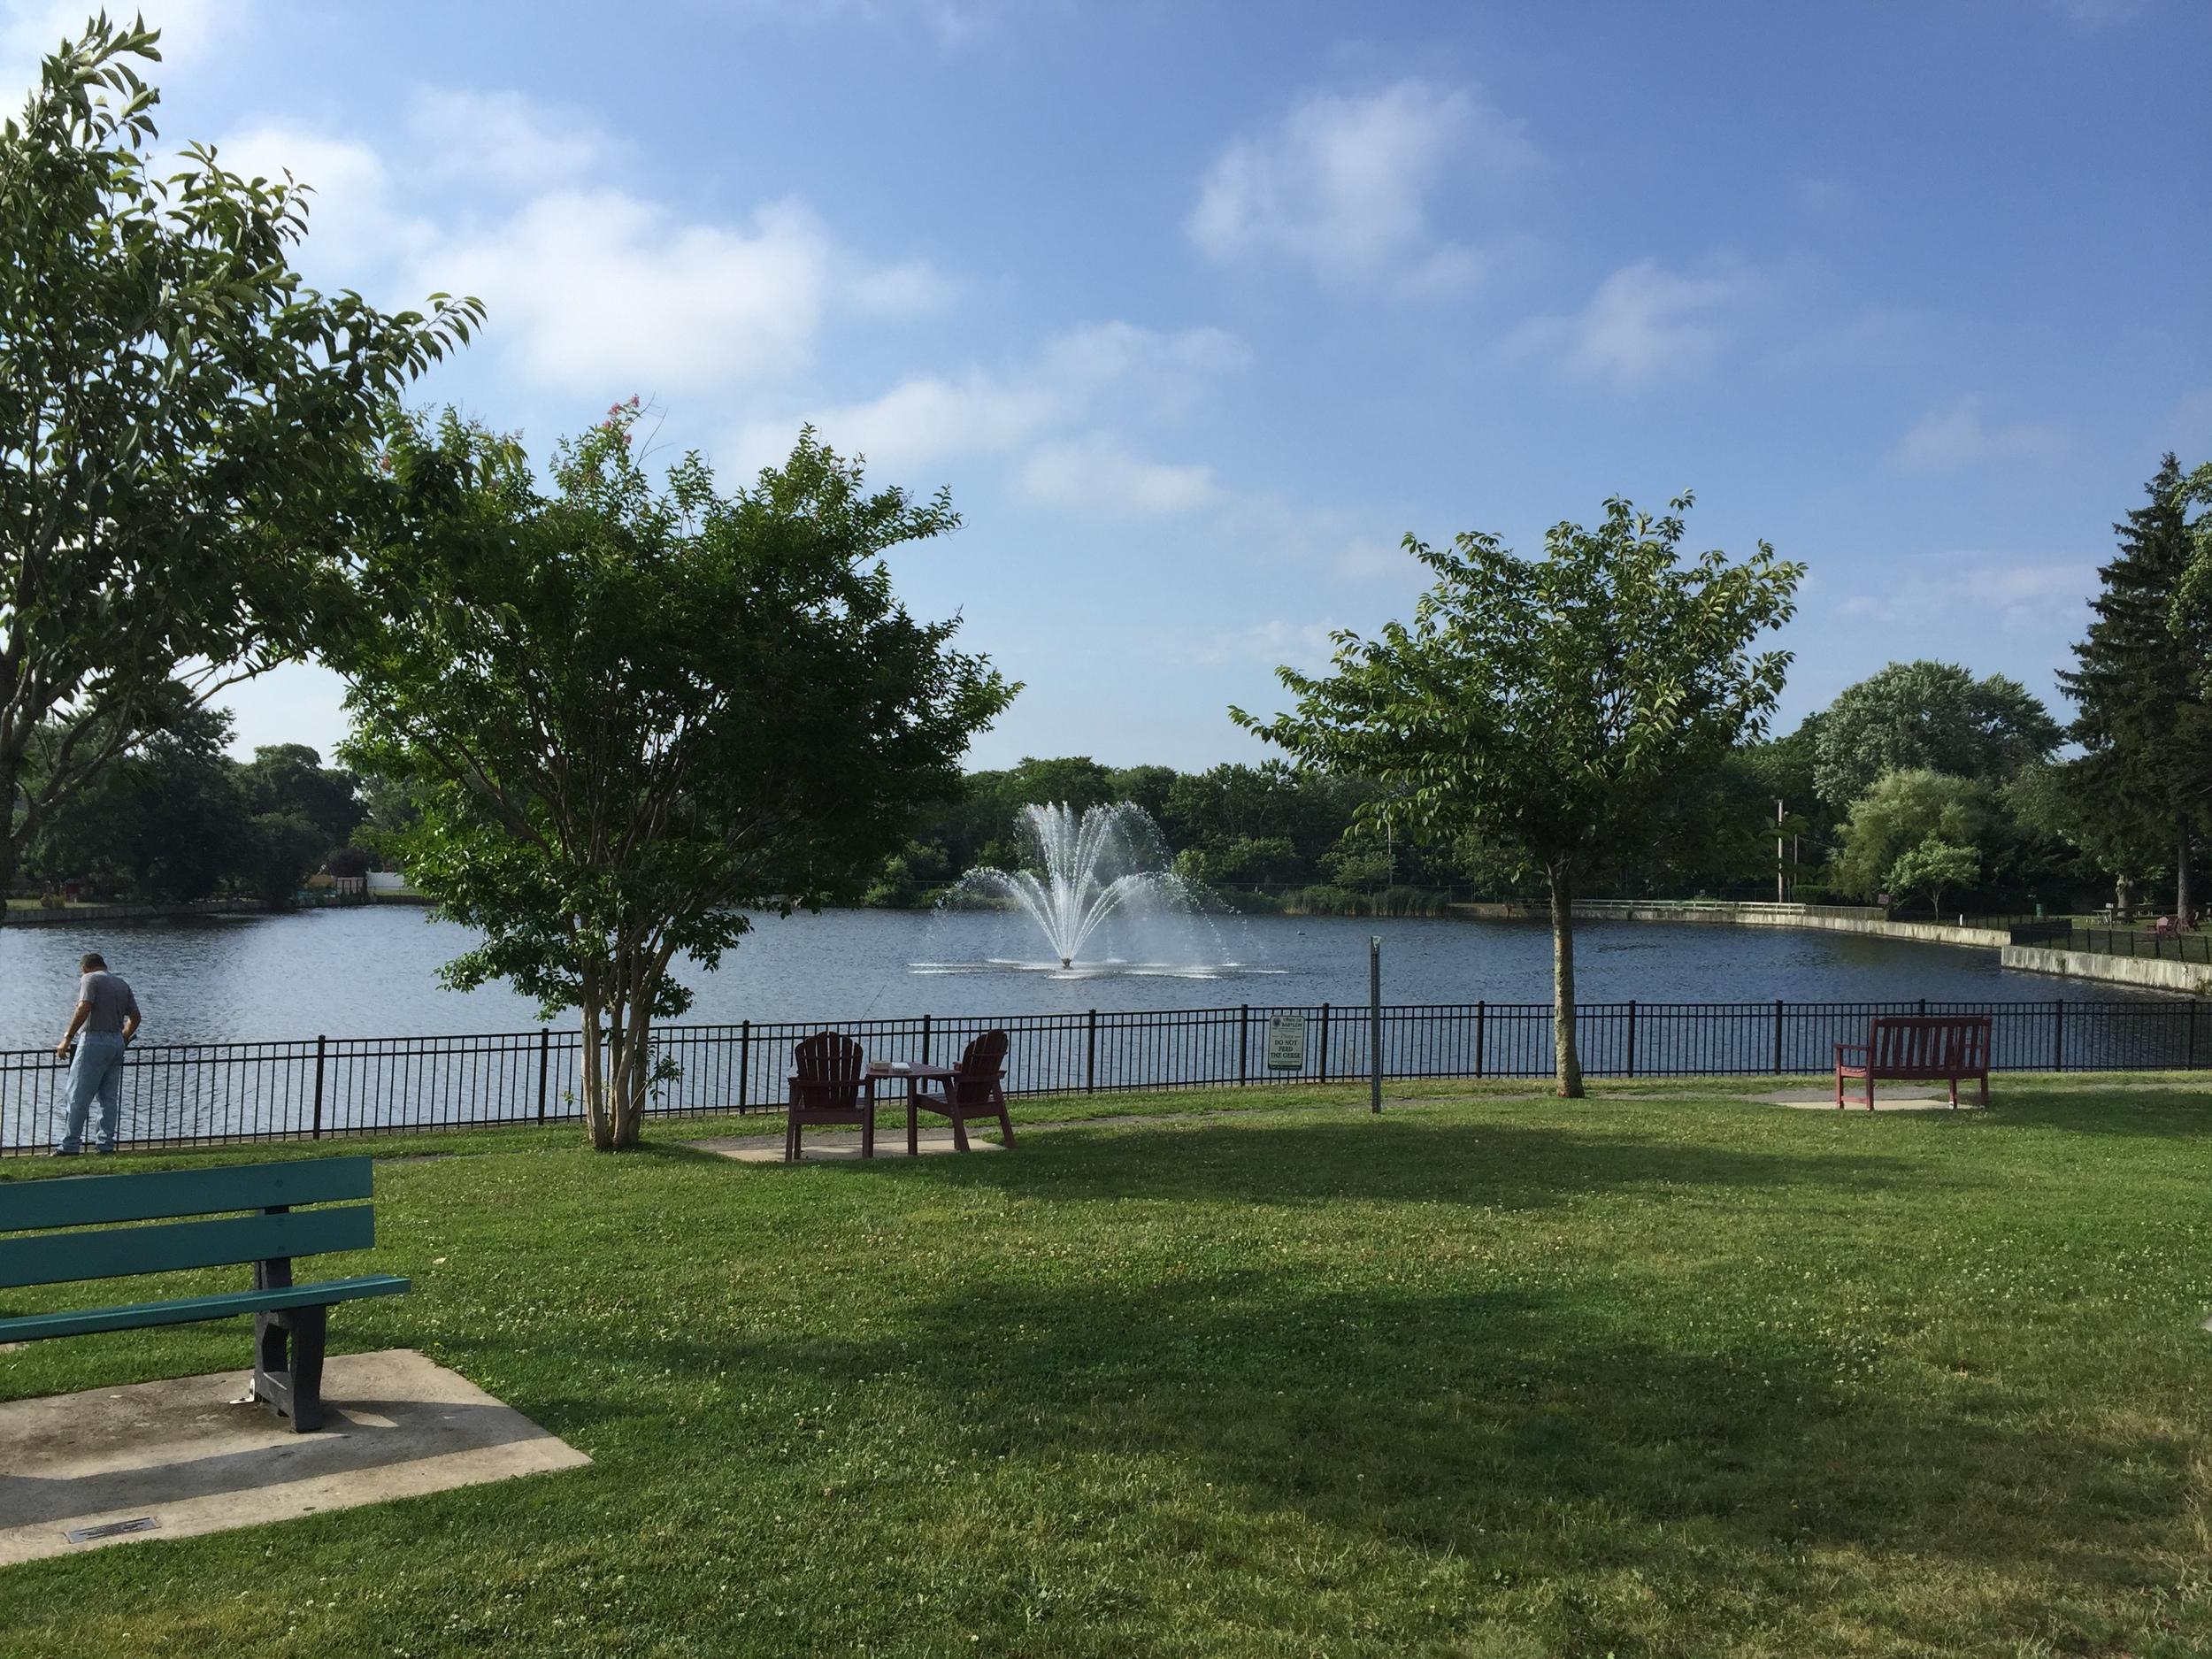 Lake at Phelps Lane Park